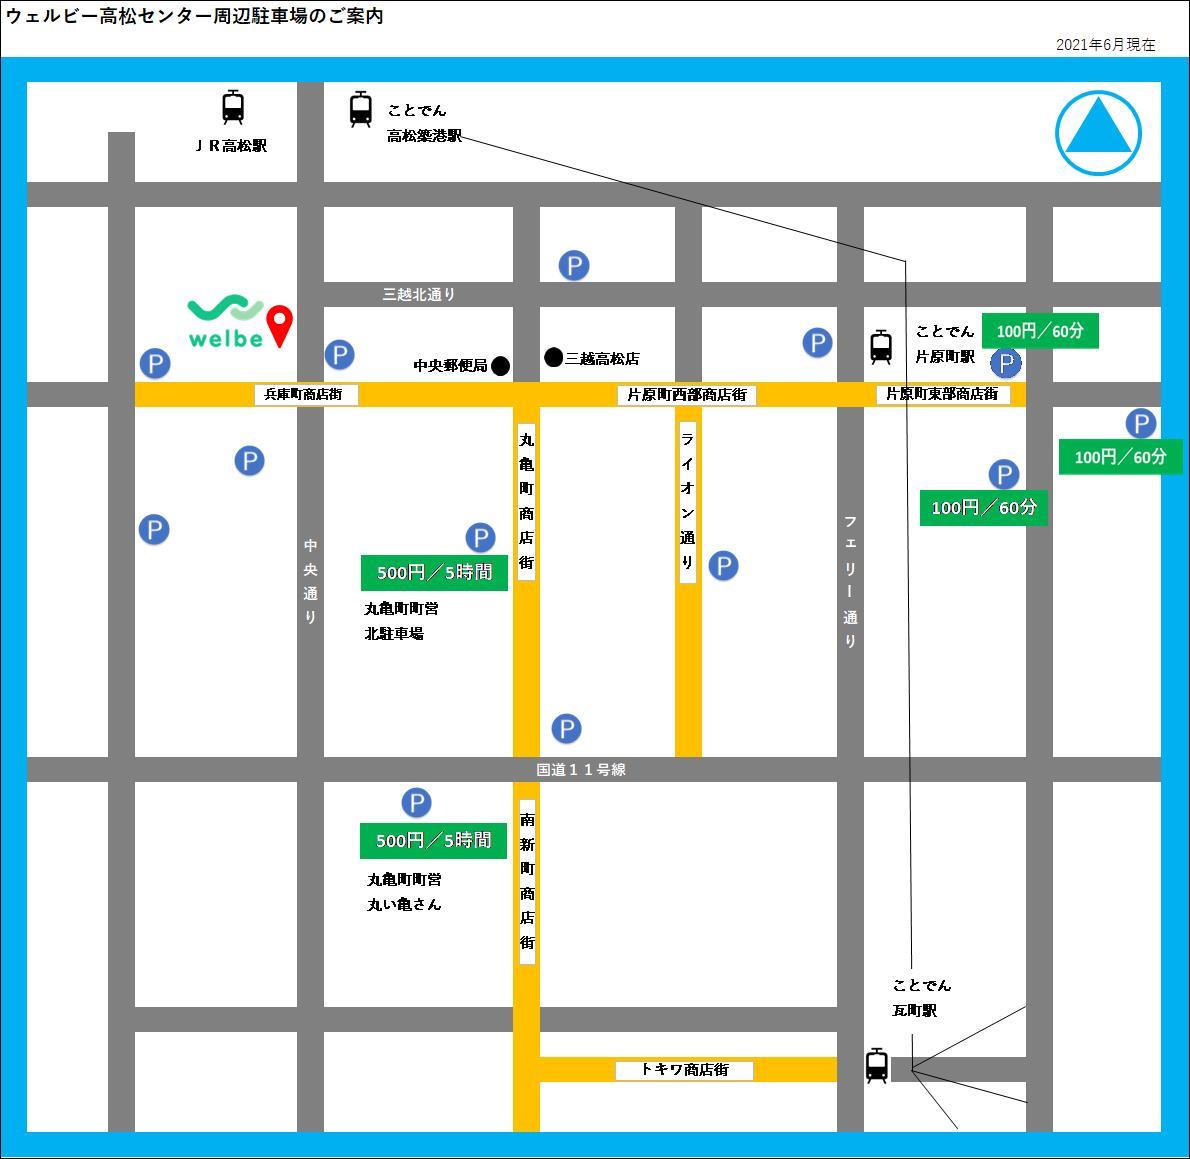 ウェルビー高松センター地図